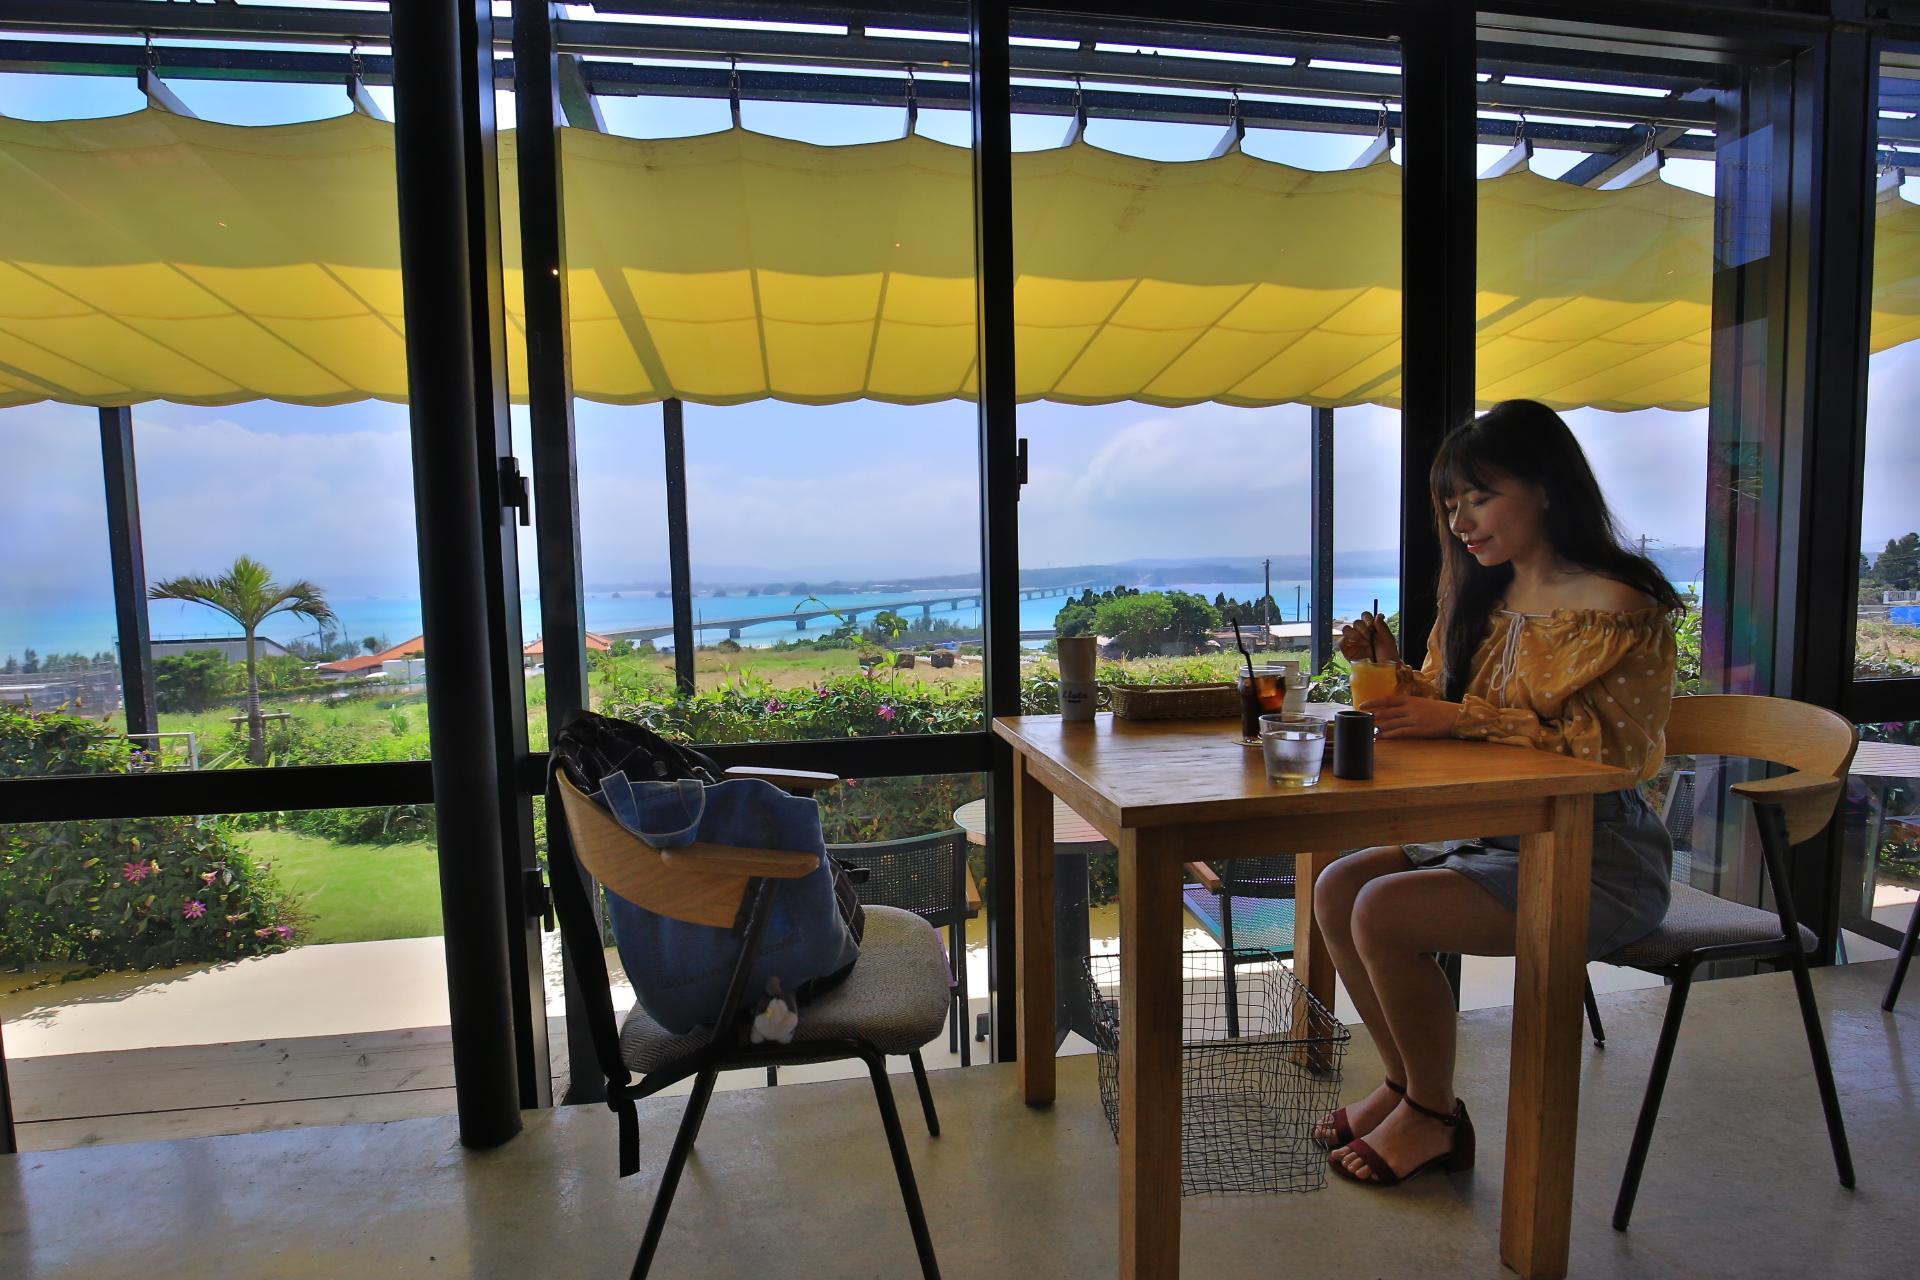 【沖繩古宇利島】行程規劃,環島一周景點,美食大攻略,必讀! @小環妞 幸福足跡